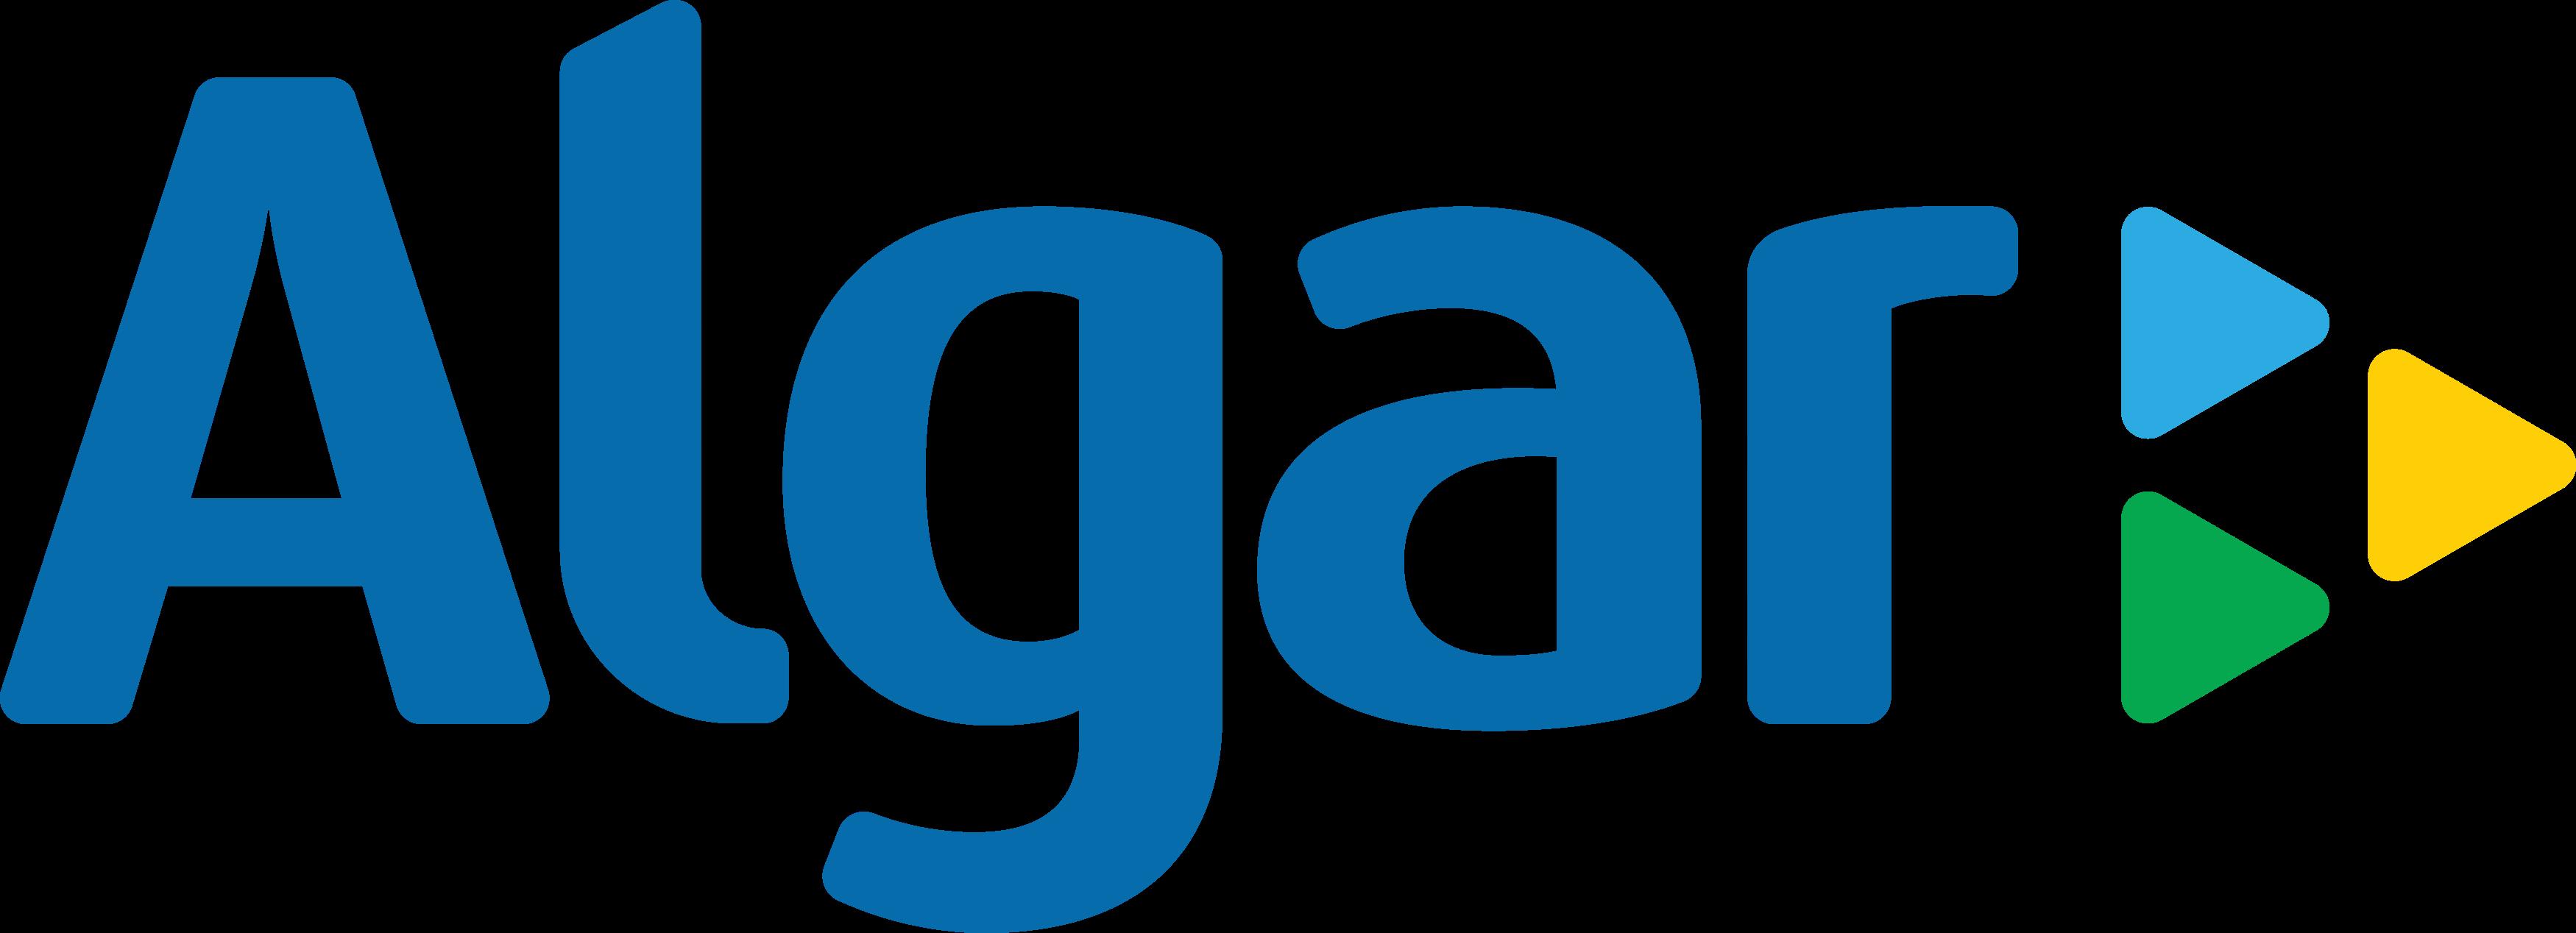 Algar logo